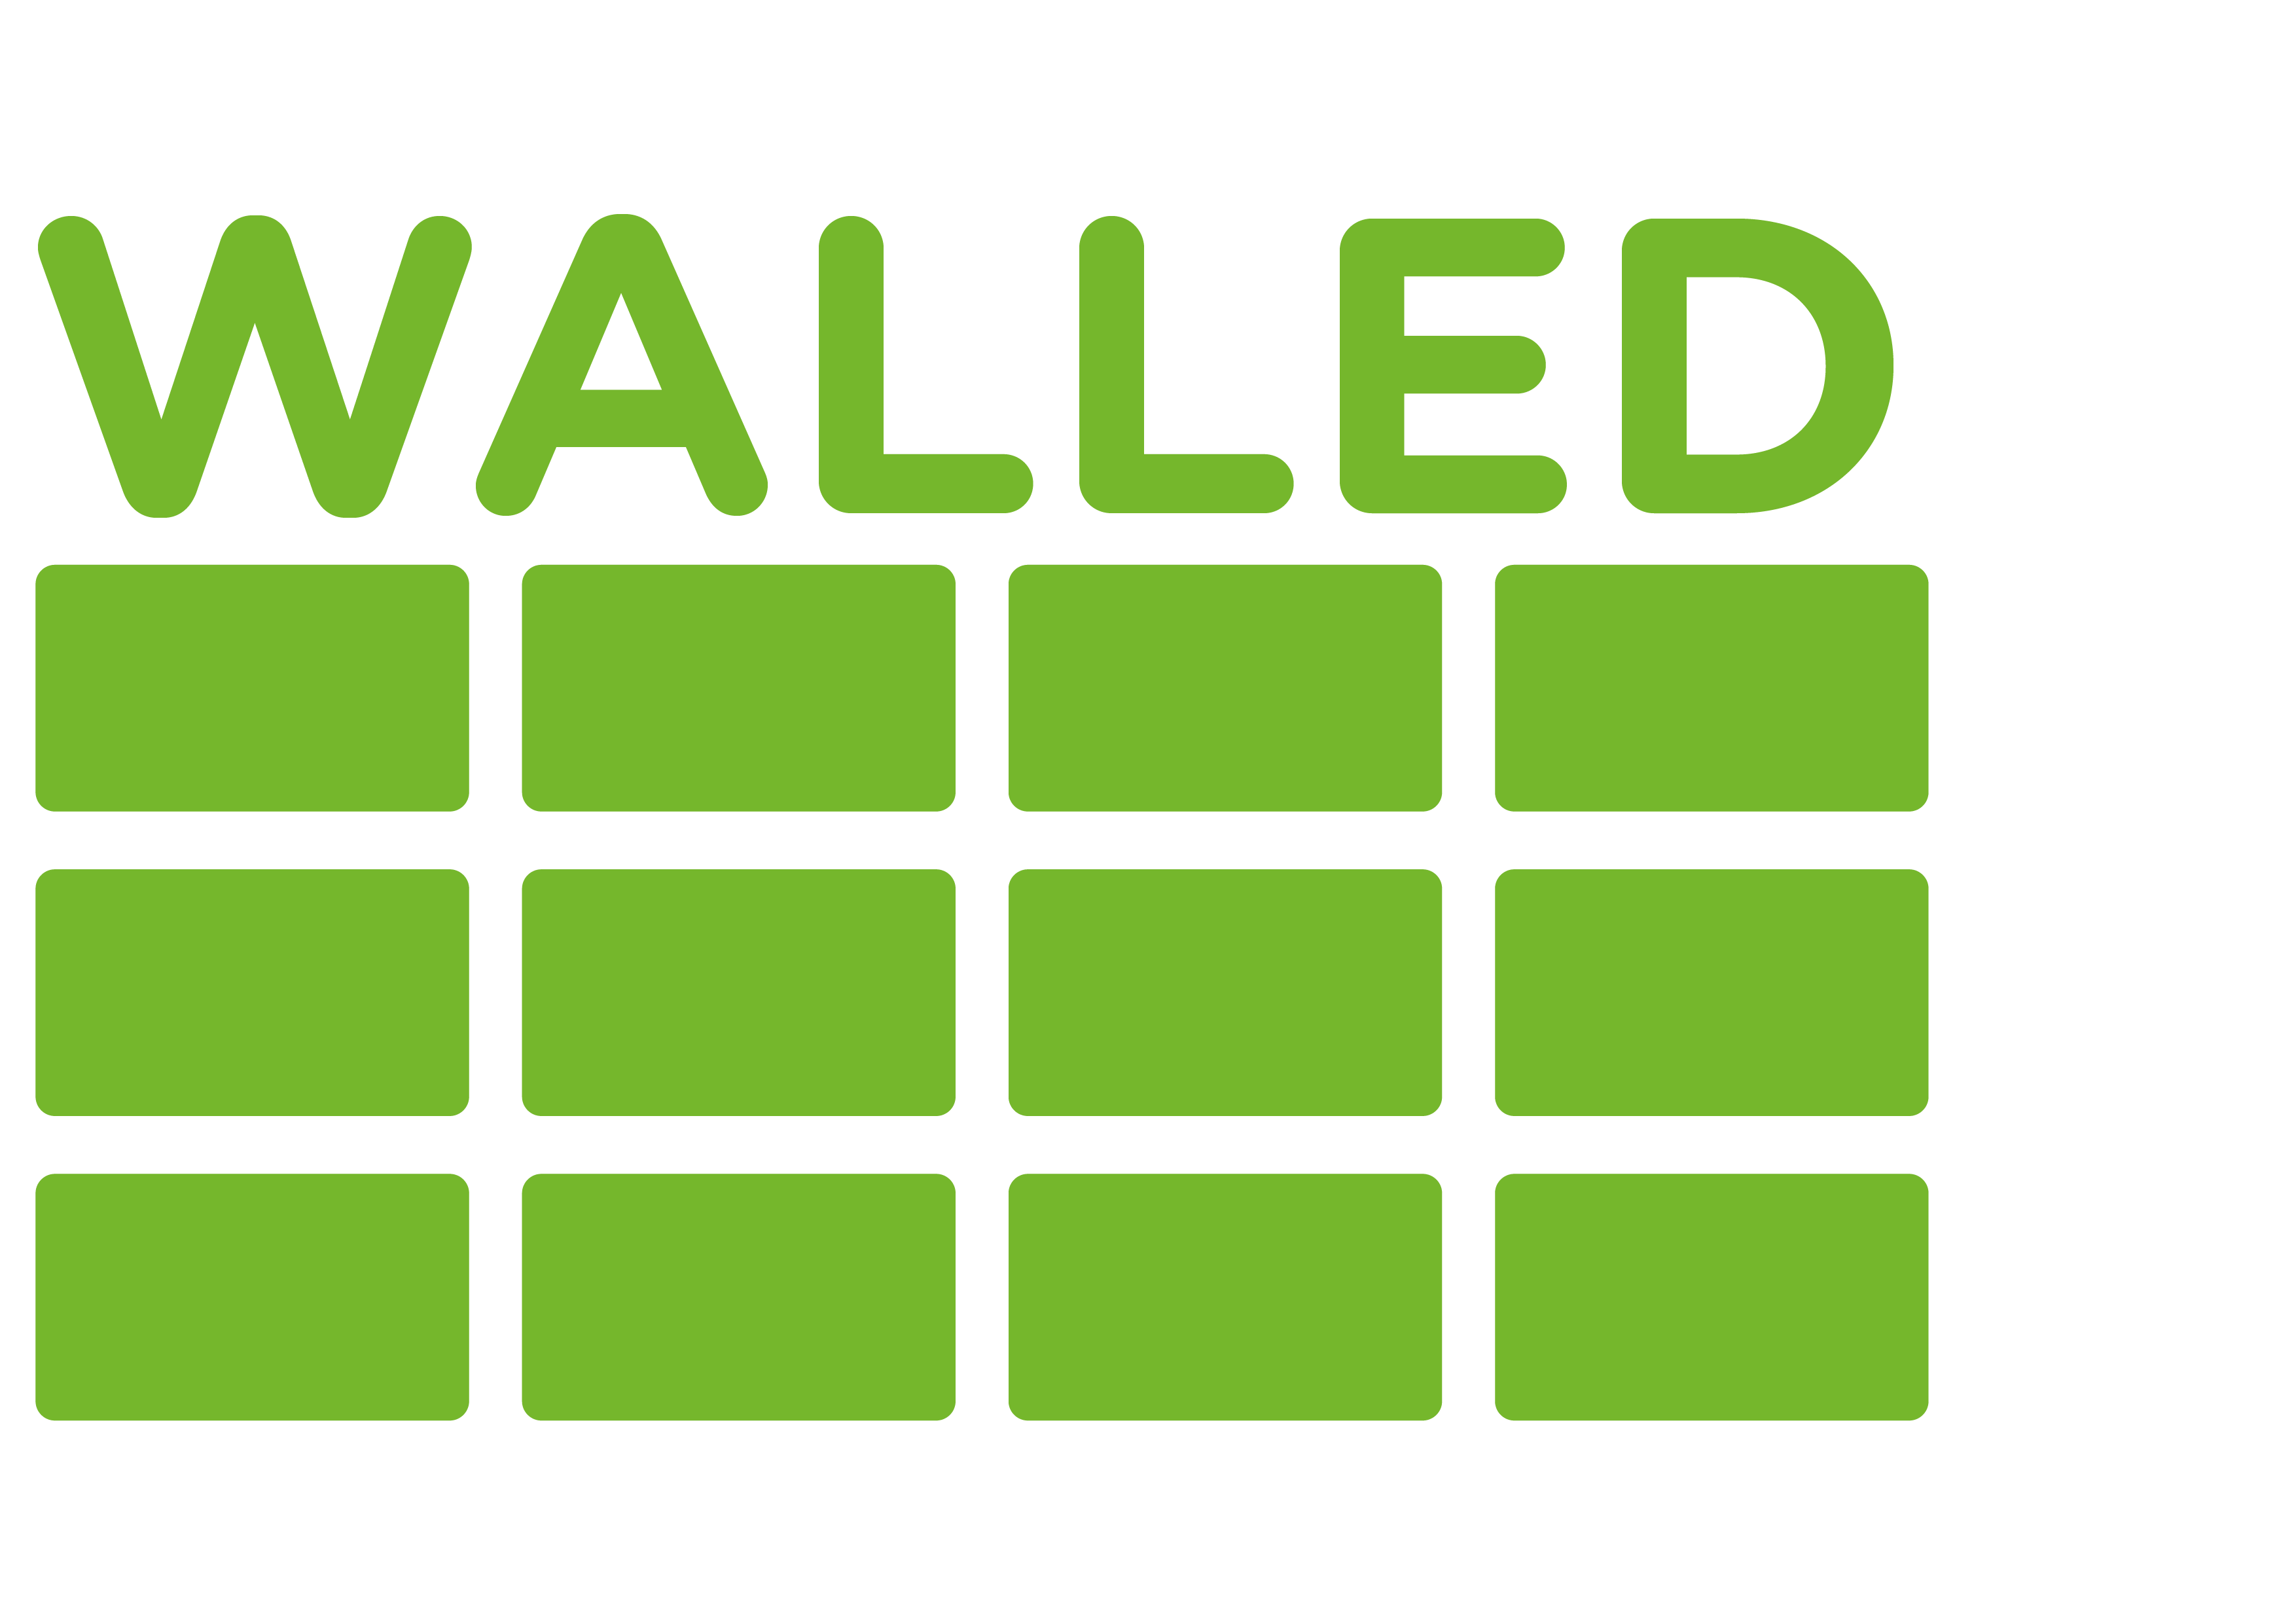 WALLED FATTURA_Tavola disegno 1